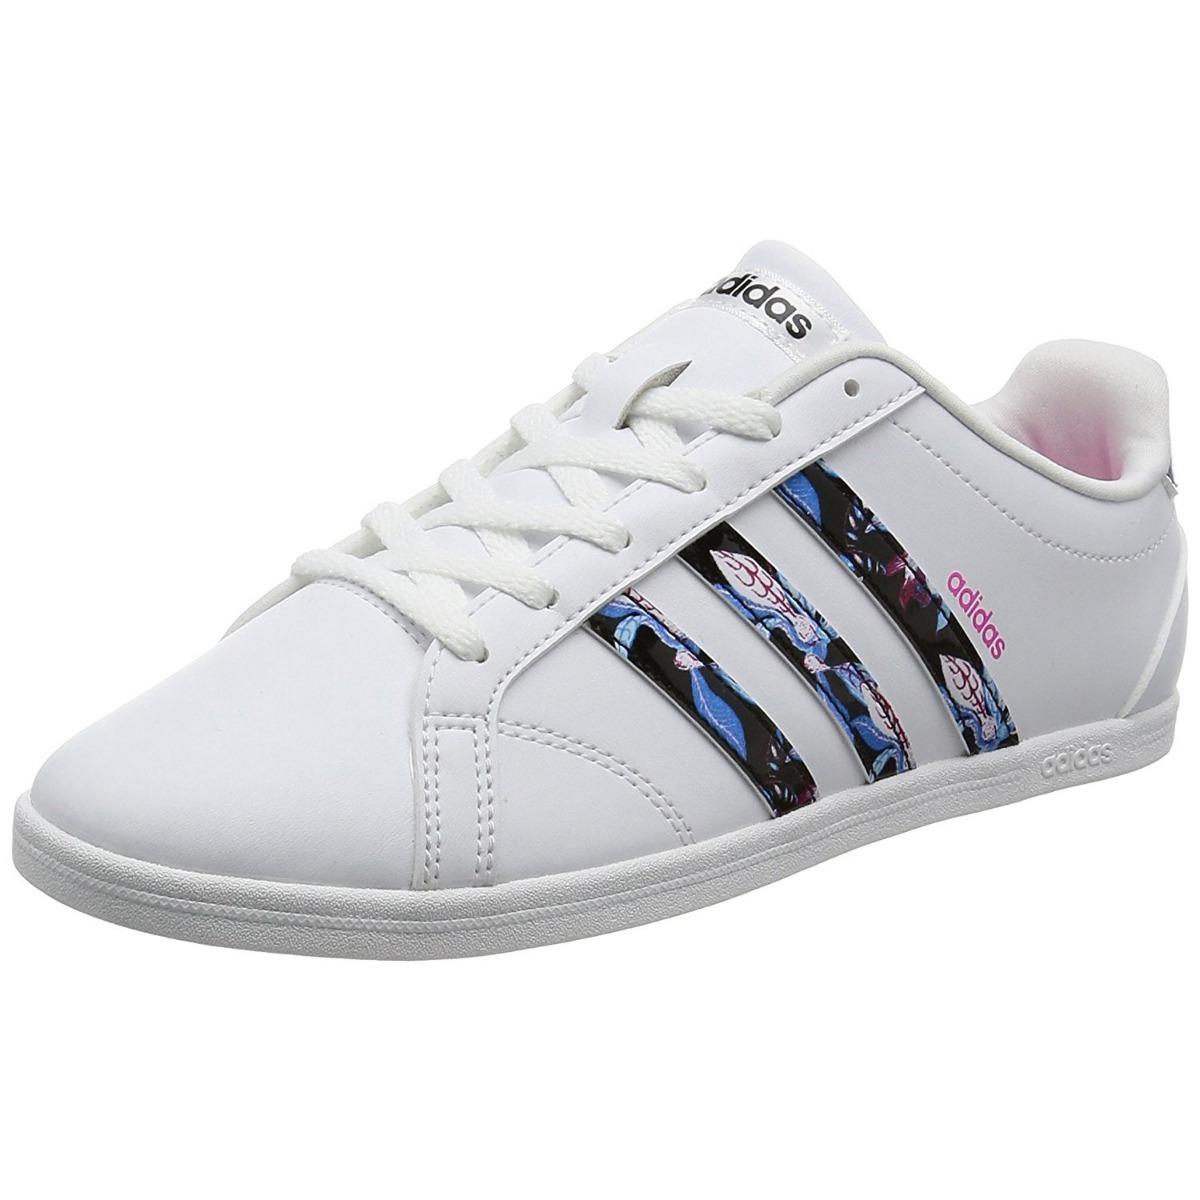 6a2cee495 tênis adidas vs coneo qt feminino casual original branco. Carregando zoom.